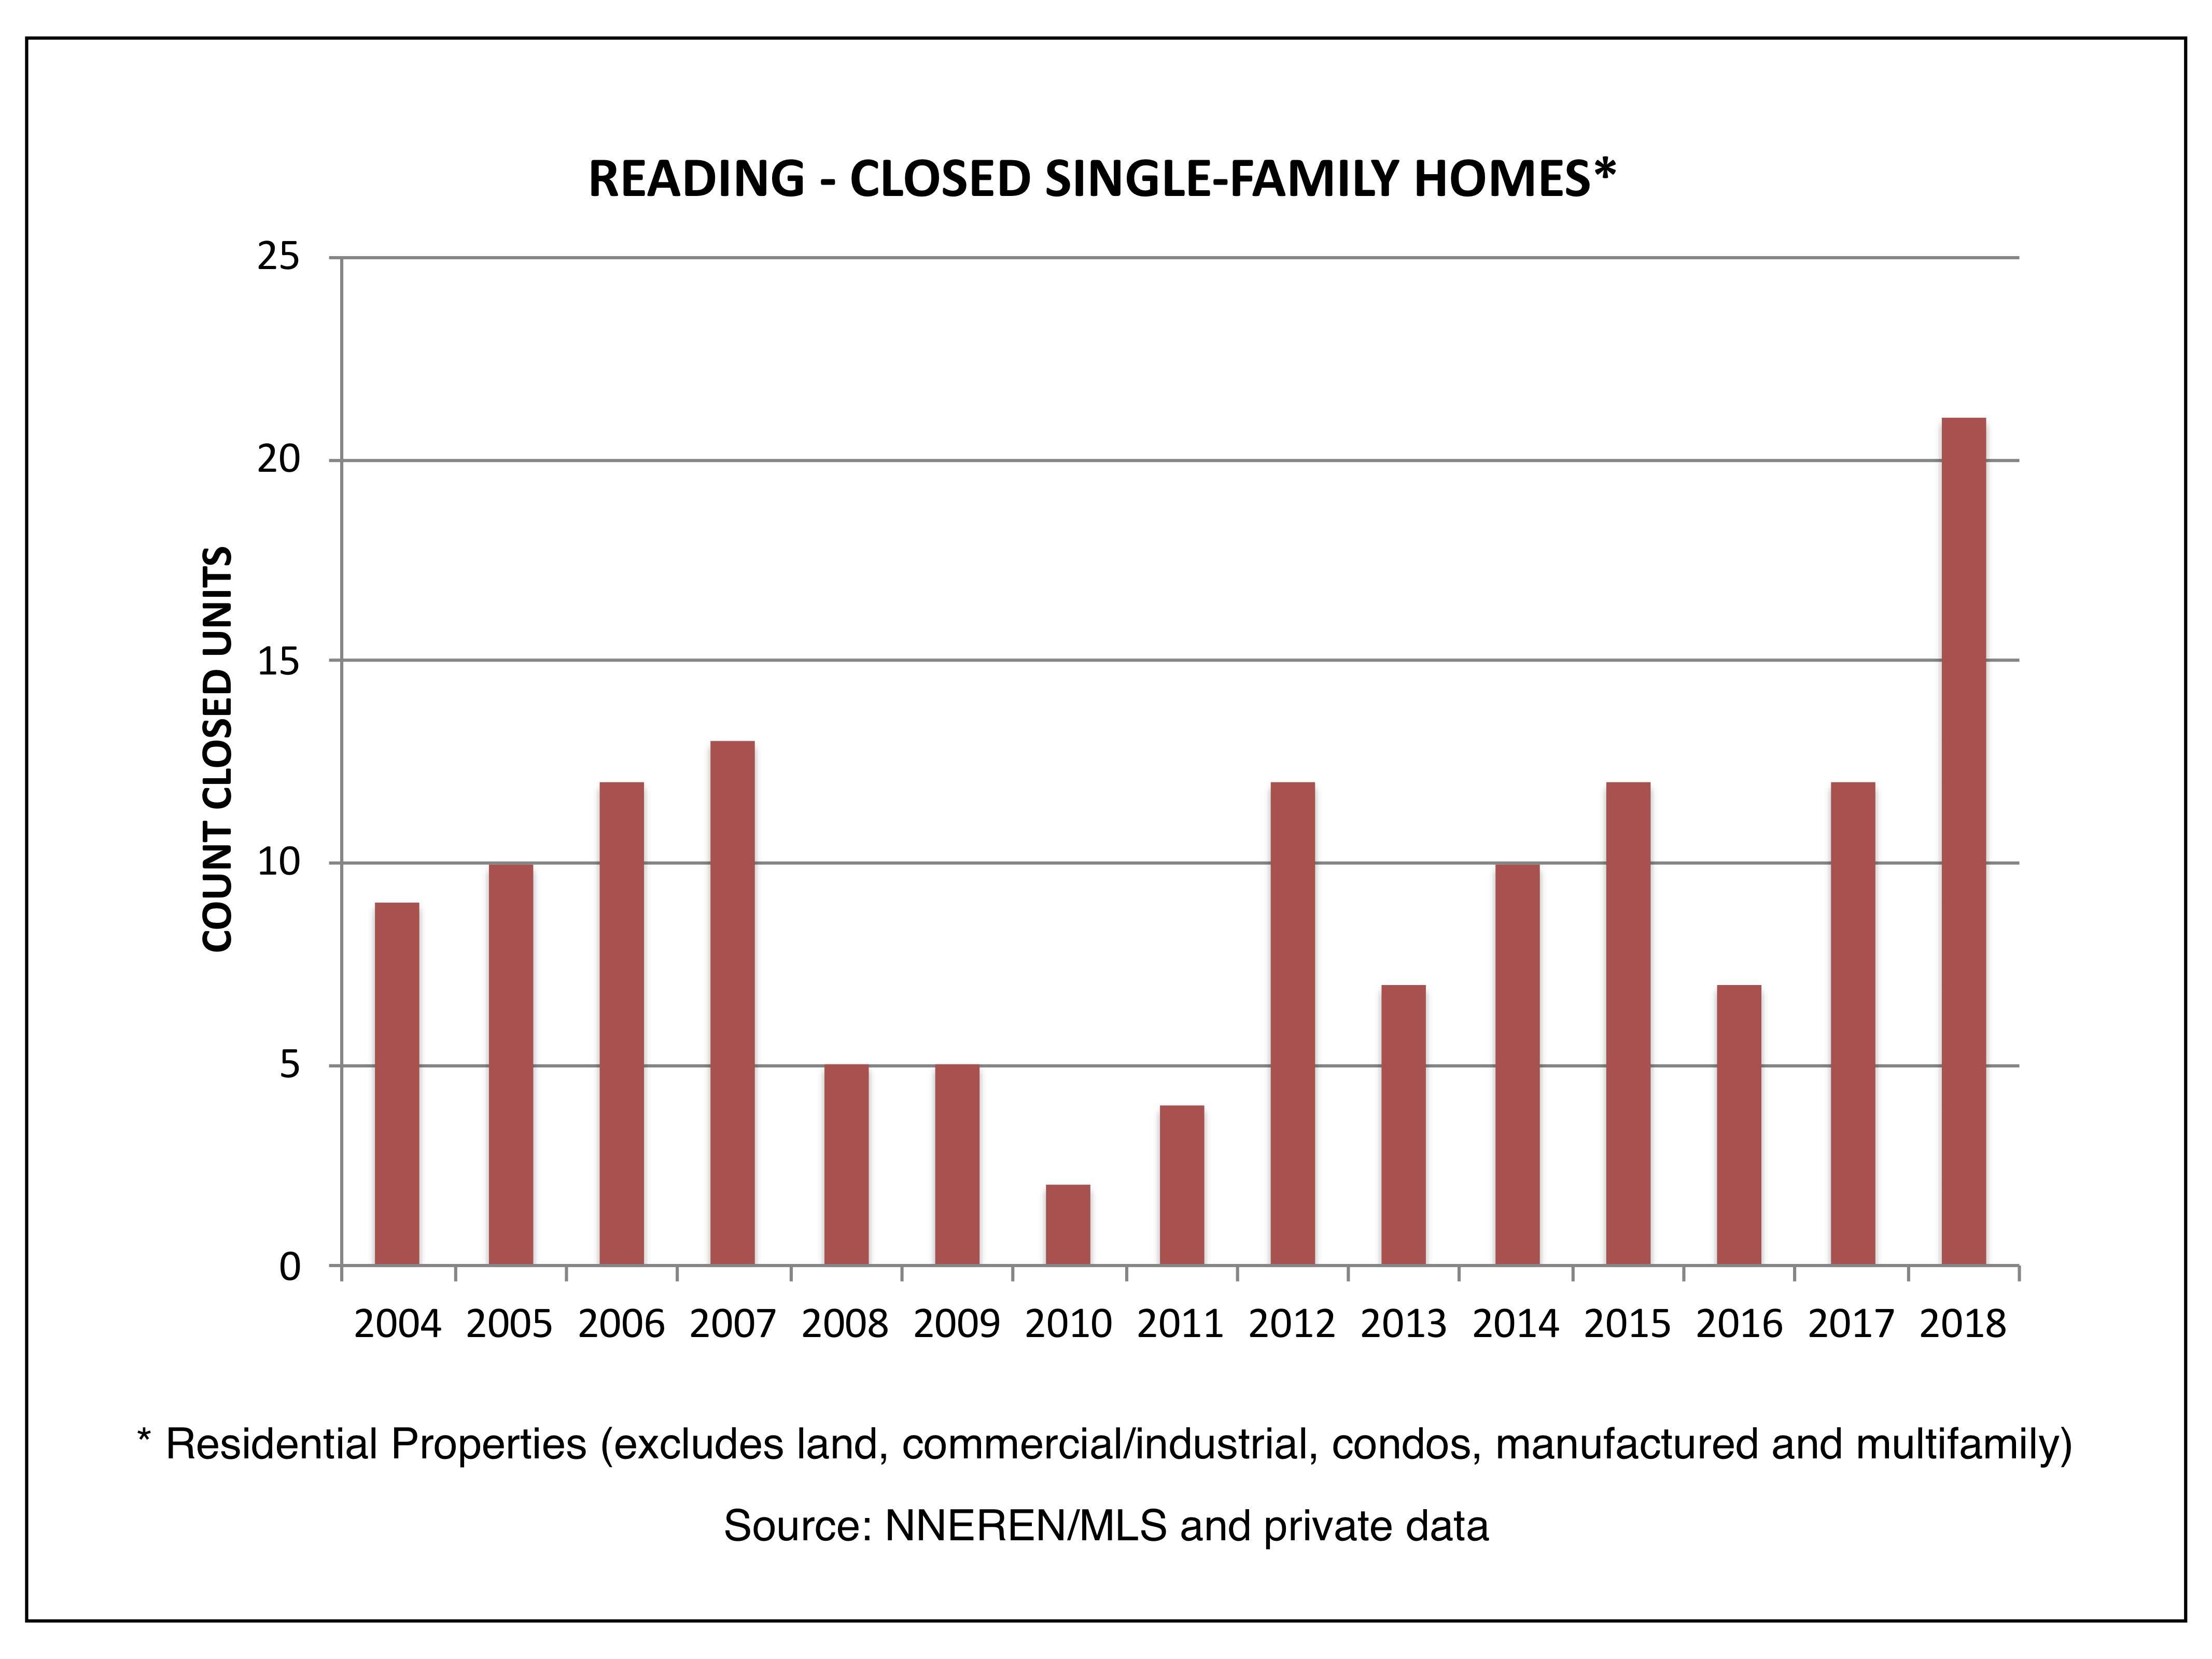 Reading - Closed Single Family Homes